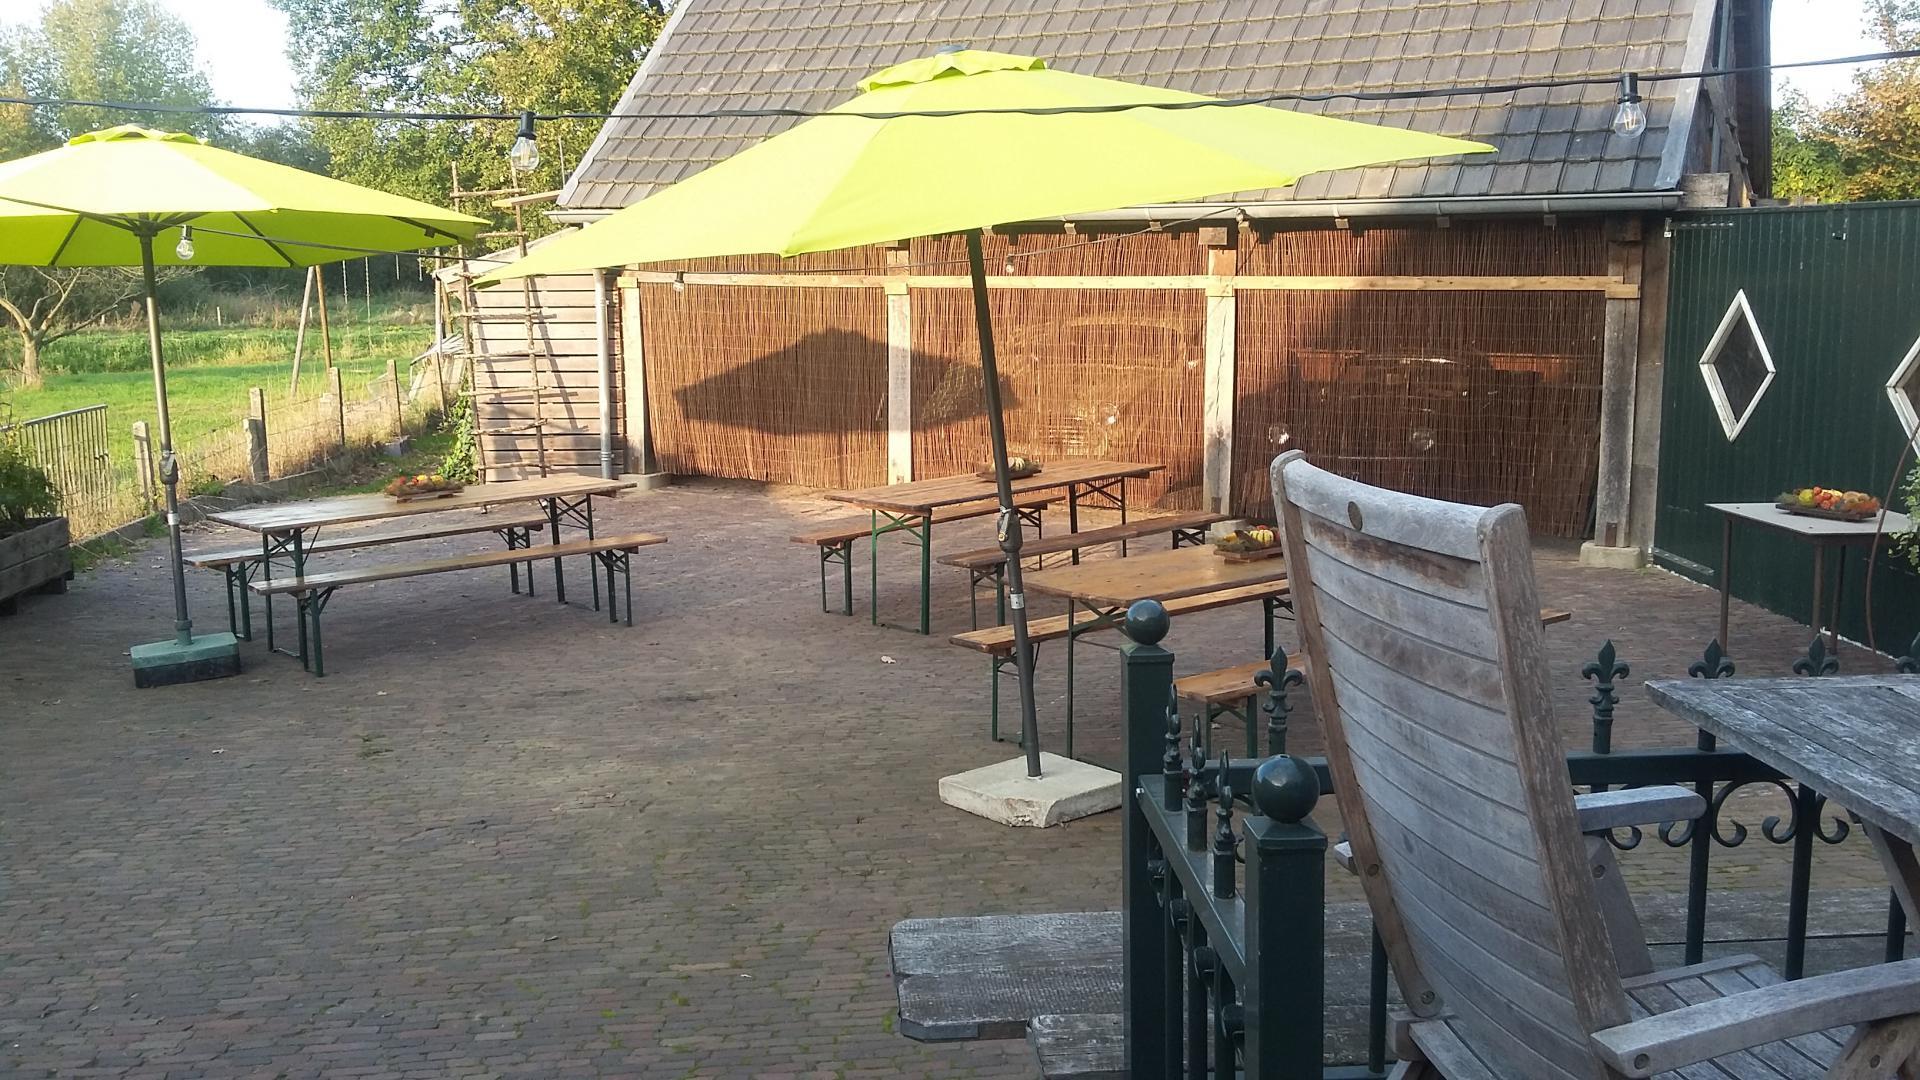 Vakantie Meerlo De Schuur terras achter De Schuur met tuinmeubelen